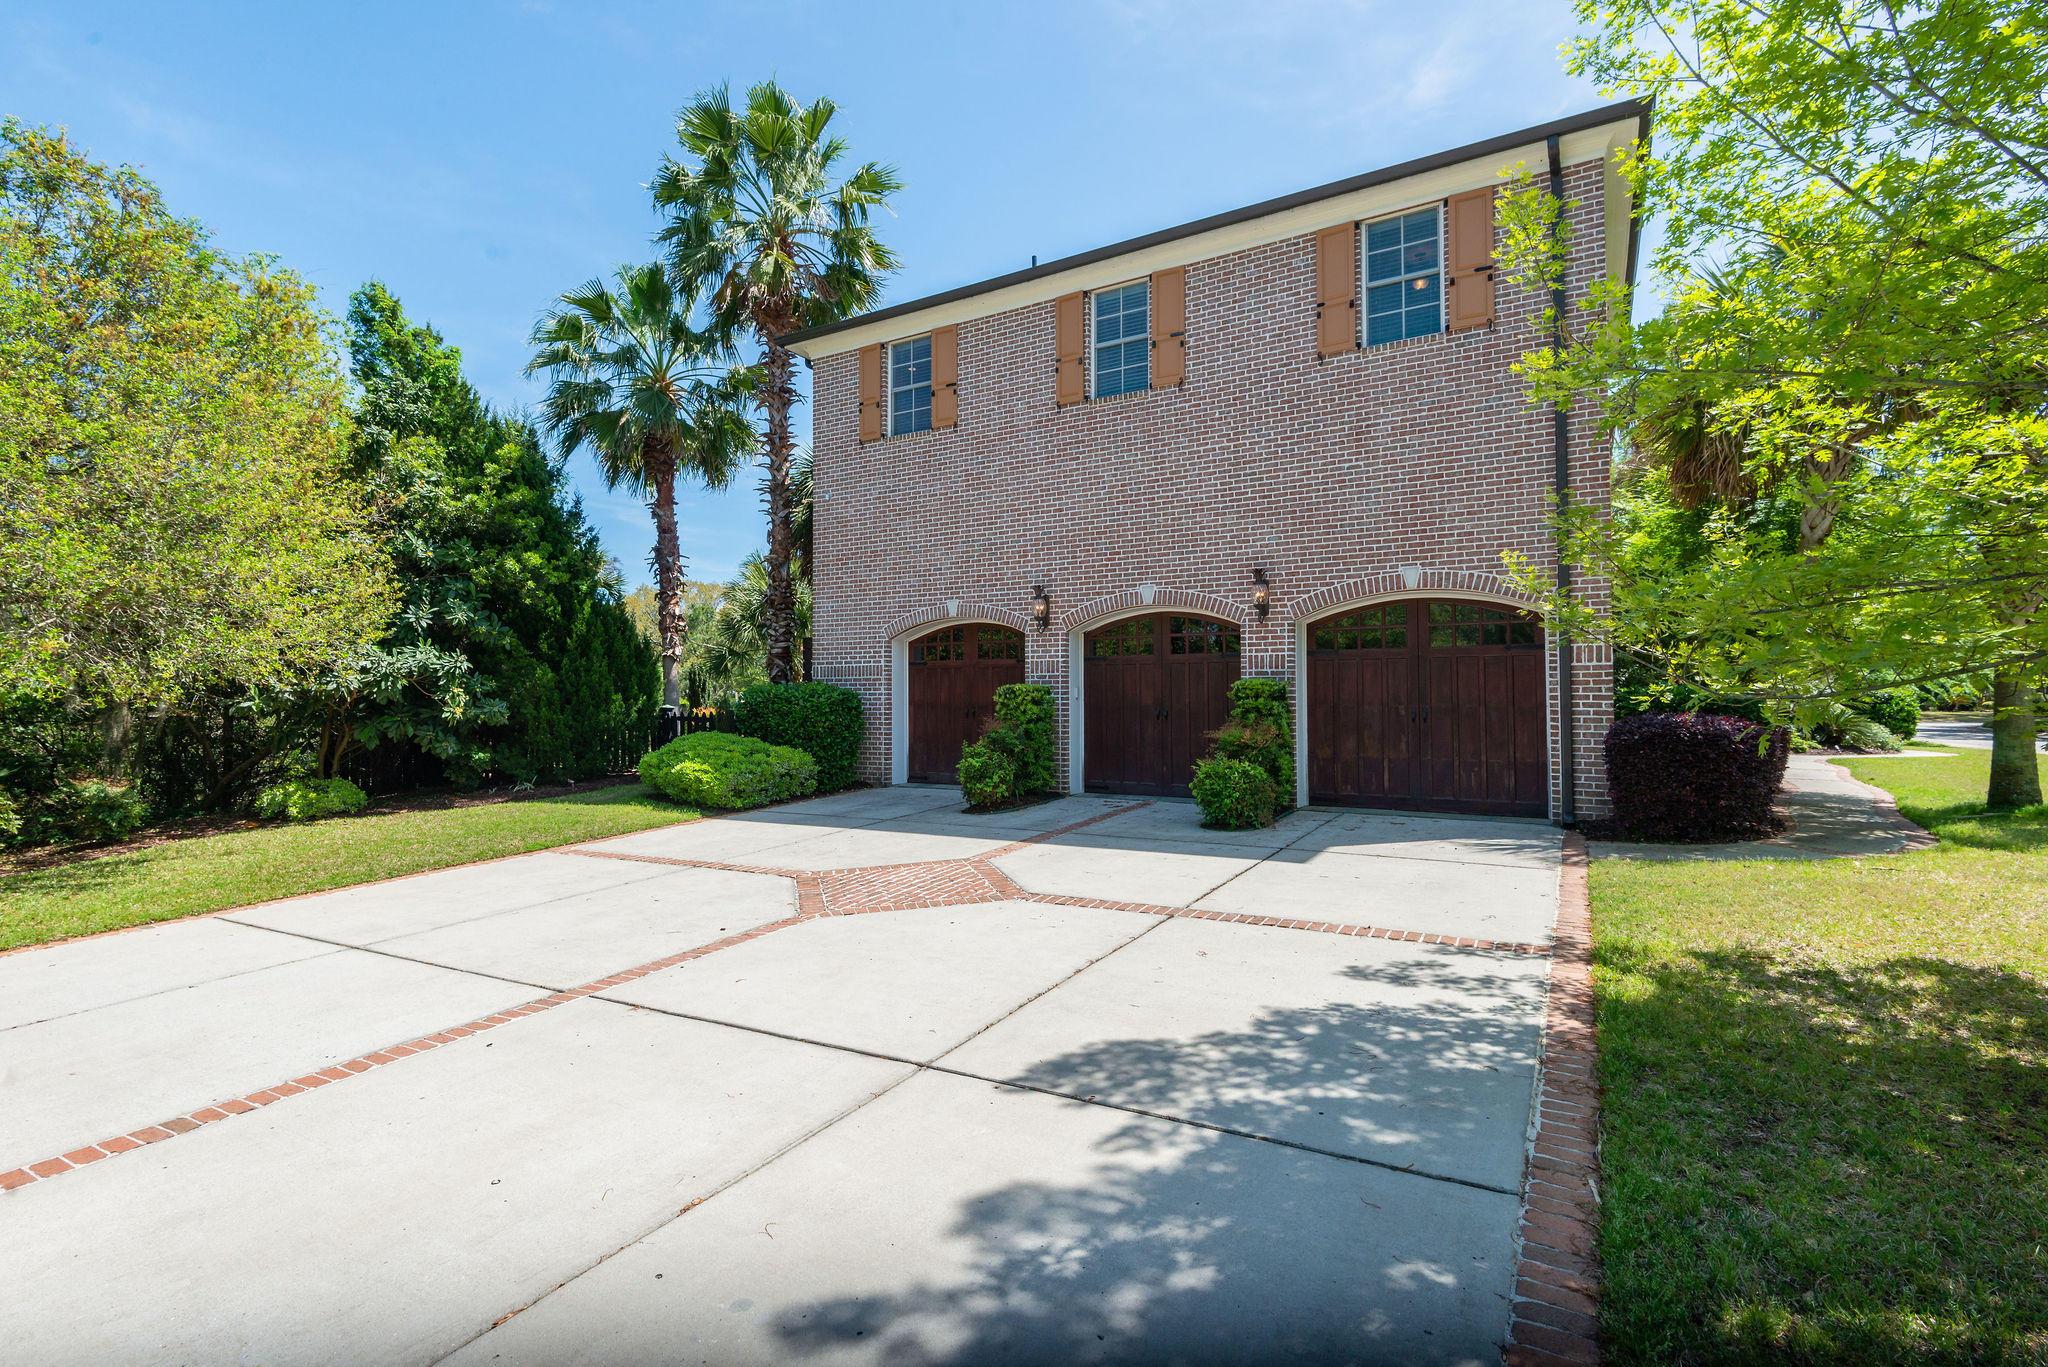 Ellis Oaks Homes For Sale - 828 Mary River, Charleston, SC - 2